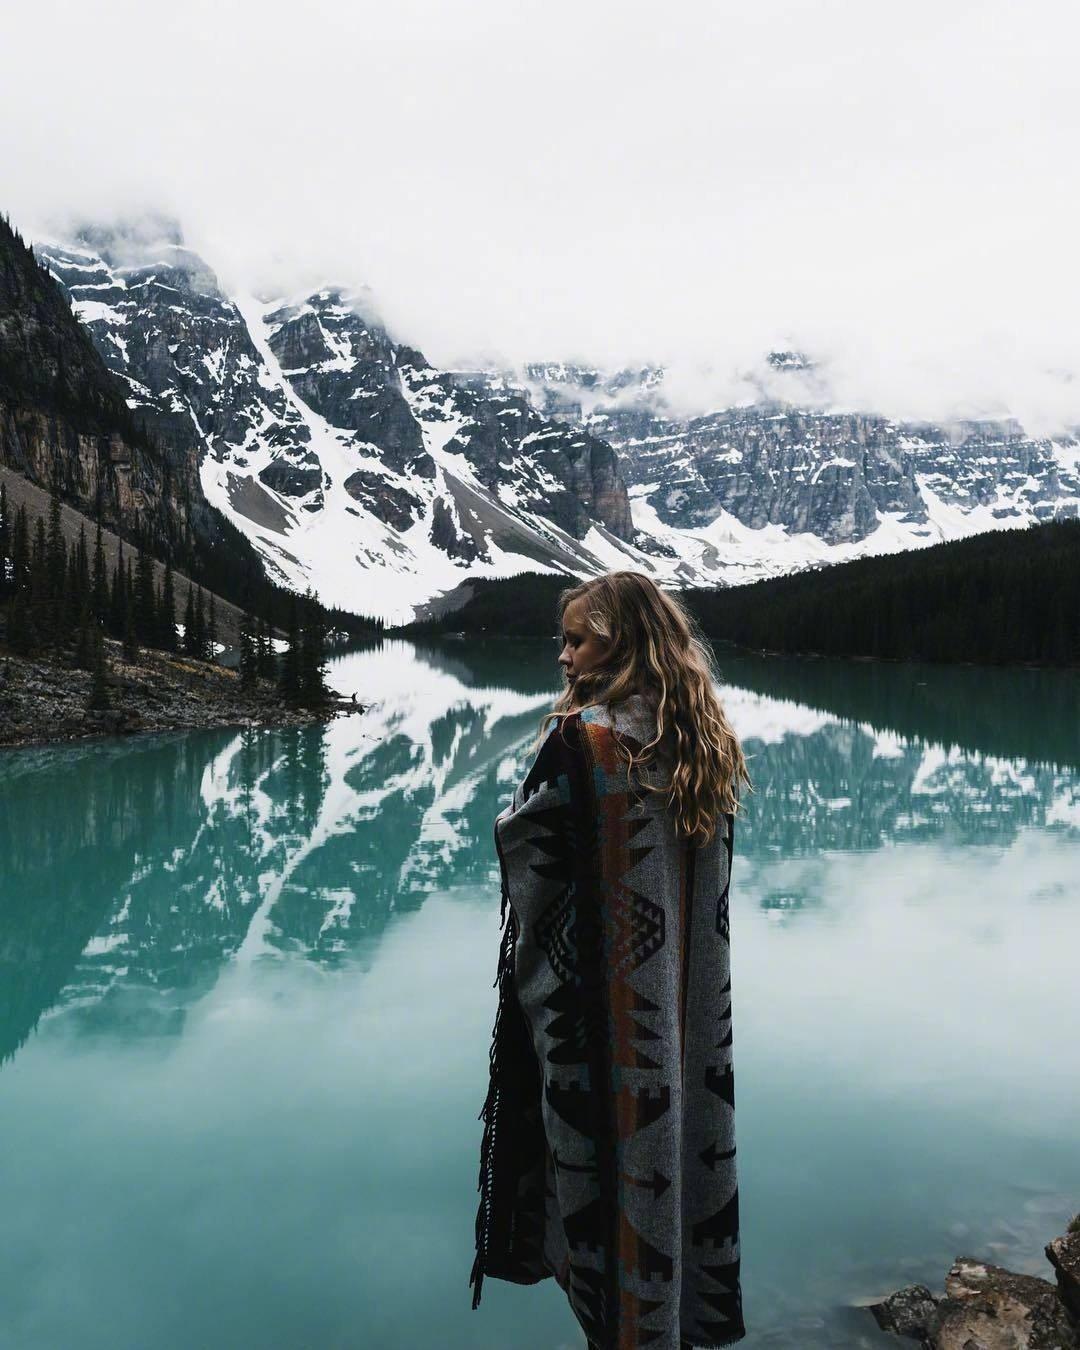 加拿大 班夫国家公园 Moraine Lake